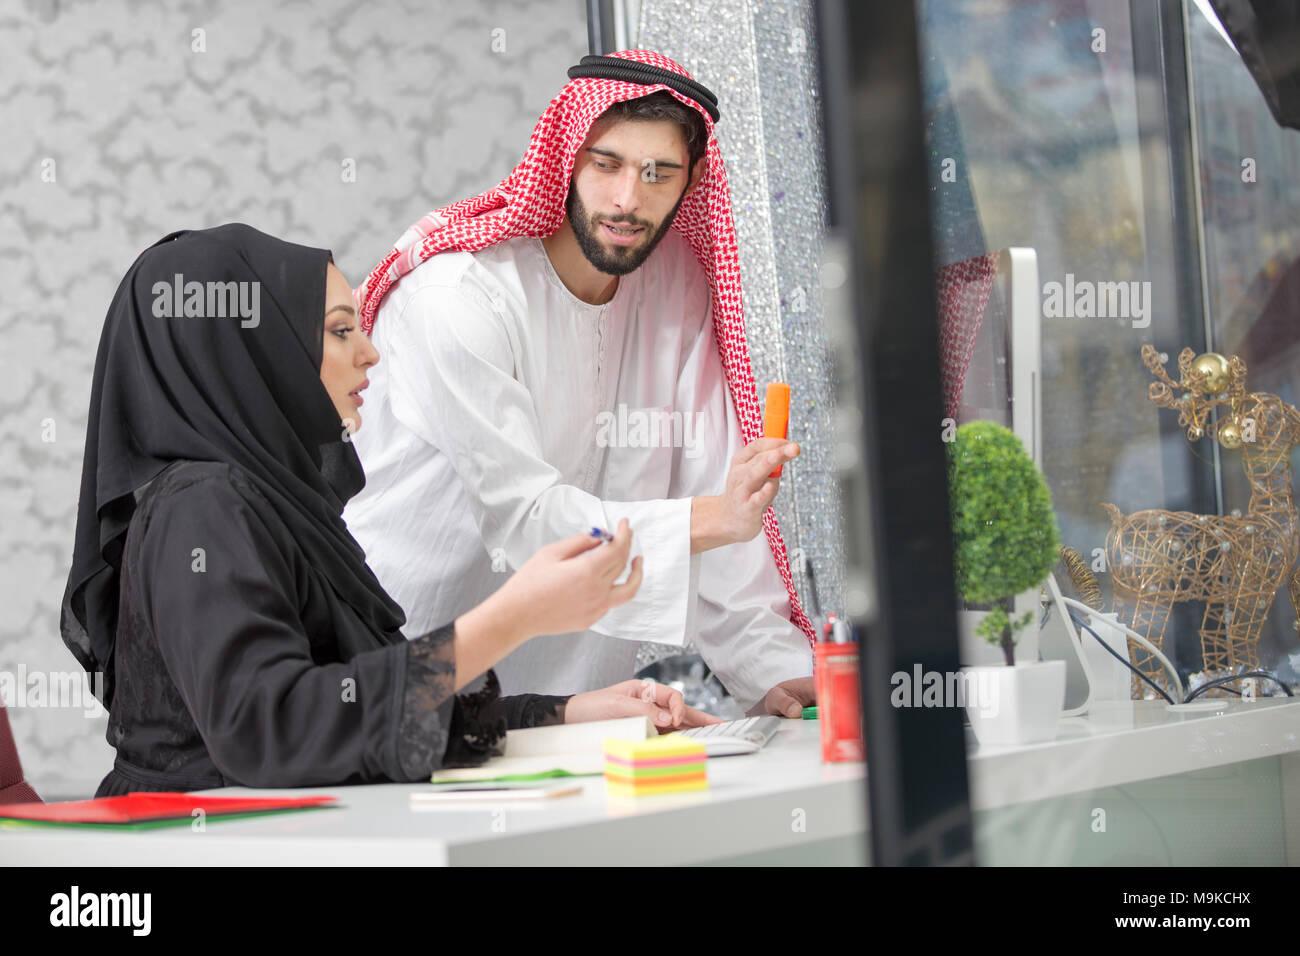 Pareja de negocios árabe trabajan juntos en proyecto en la moderna oficina de inicio. Imagen De Stock